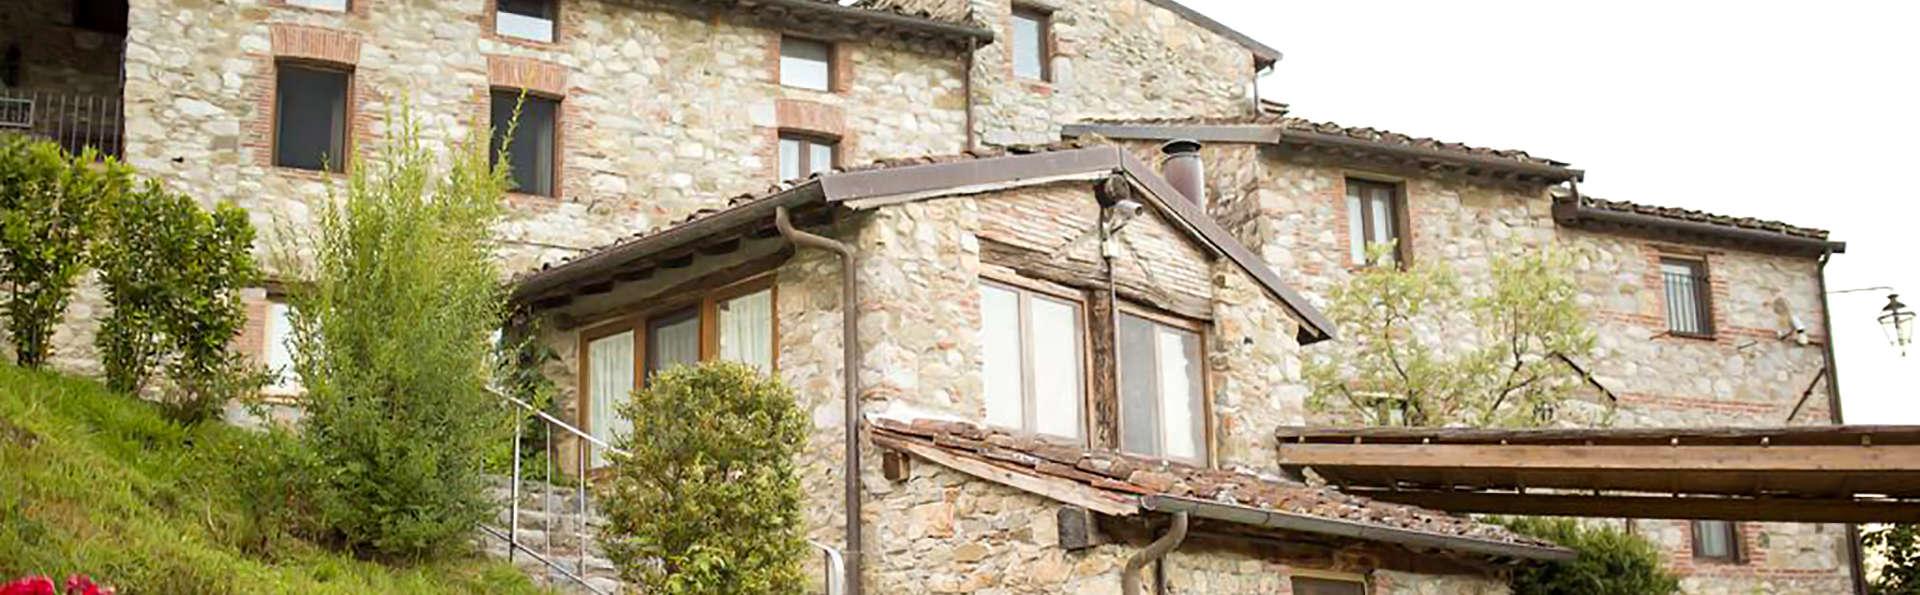 Week-end de 3 nuits dans un ancien village toscan